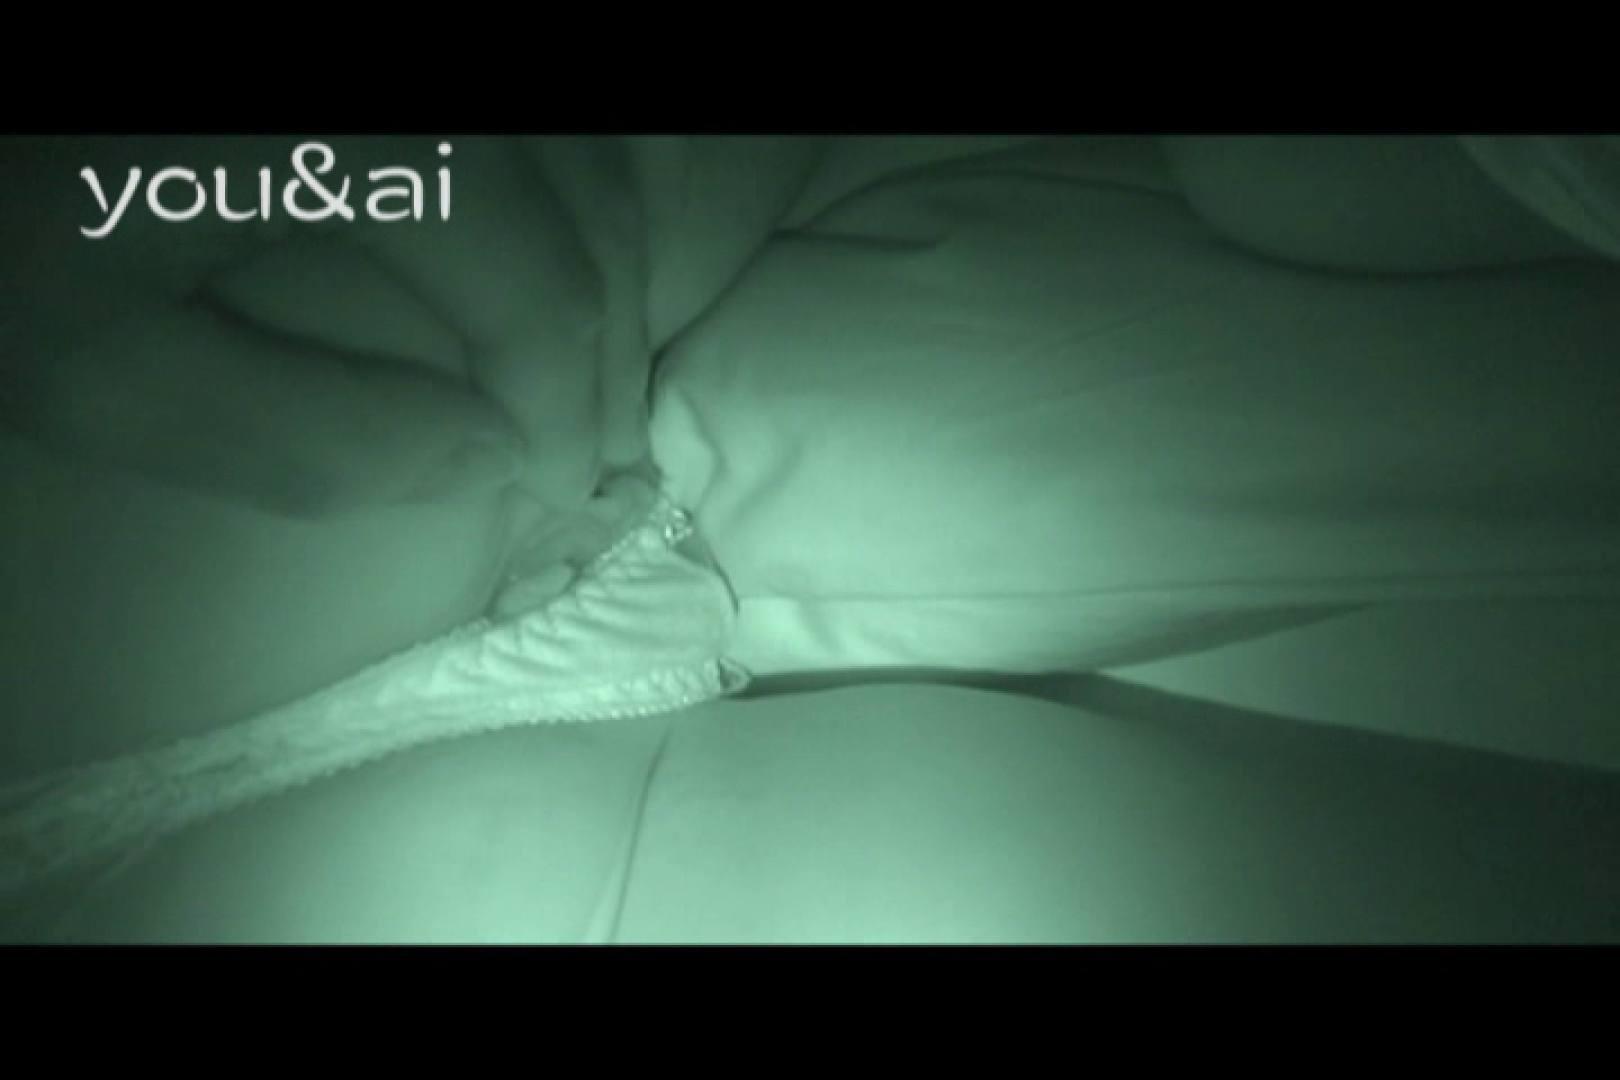 おしどり夫婦のyou&aiさん投稿作品vol.6 投稿映像 ワレメ動画紹介 76pic 11